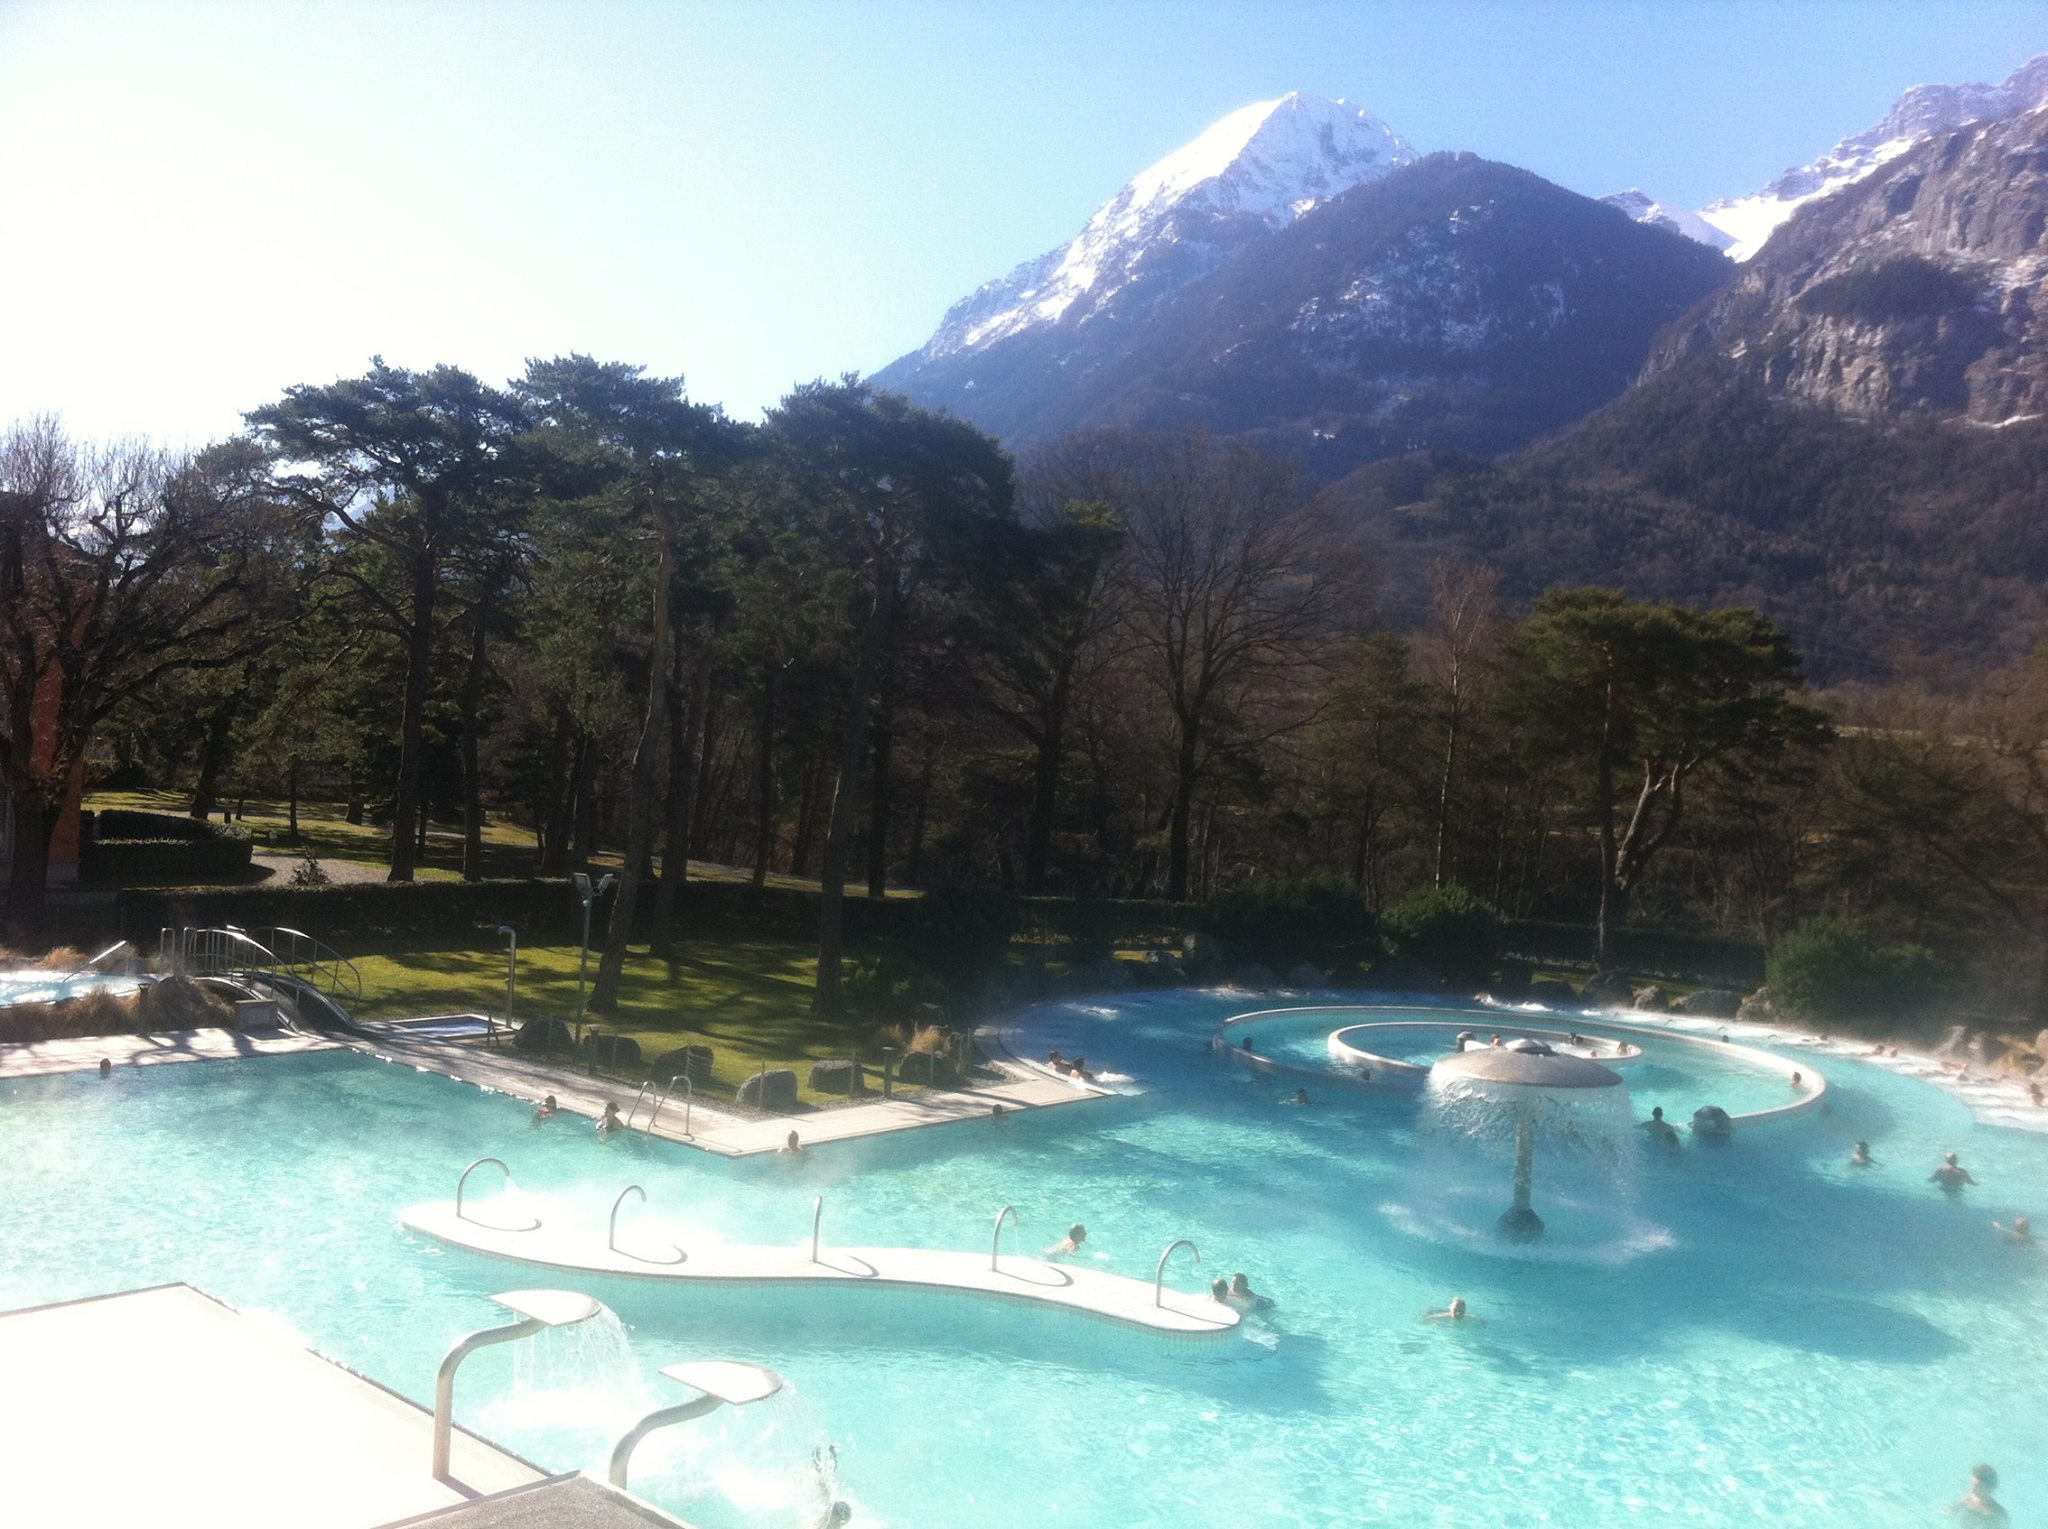 lavey;summer;portes-du-soleil;mountain